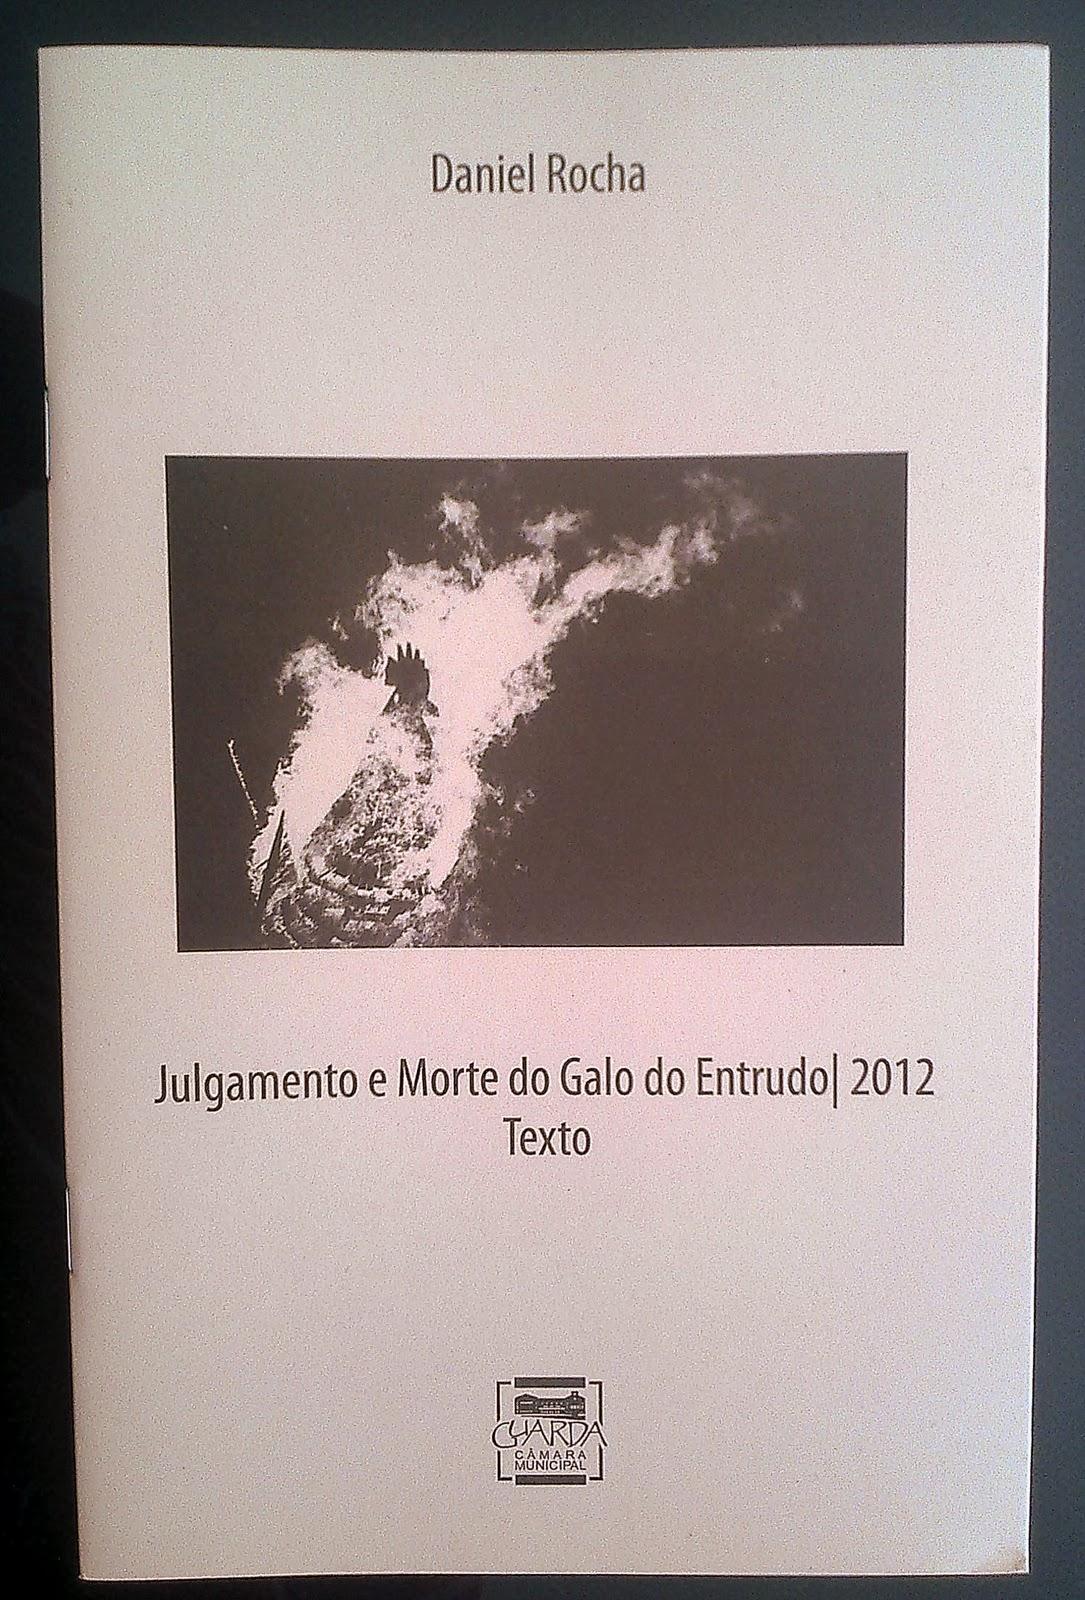 Julgamento e Morte do Galo do Entrudo 2012